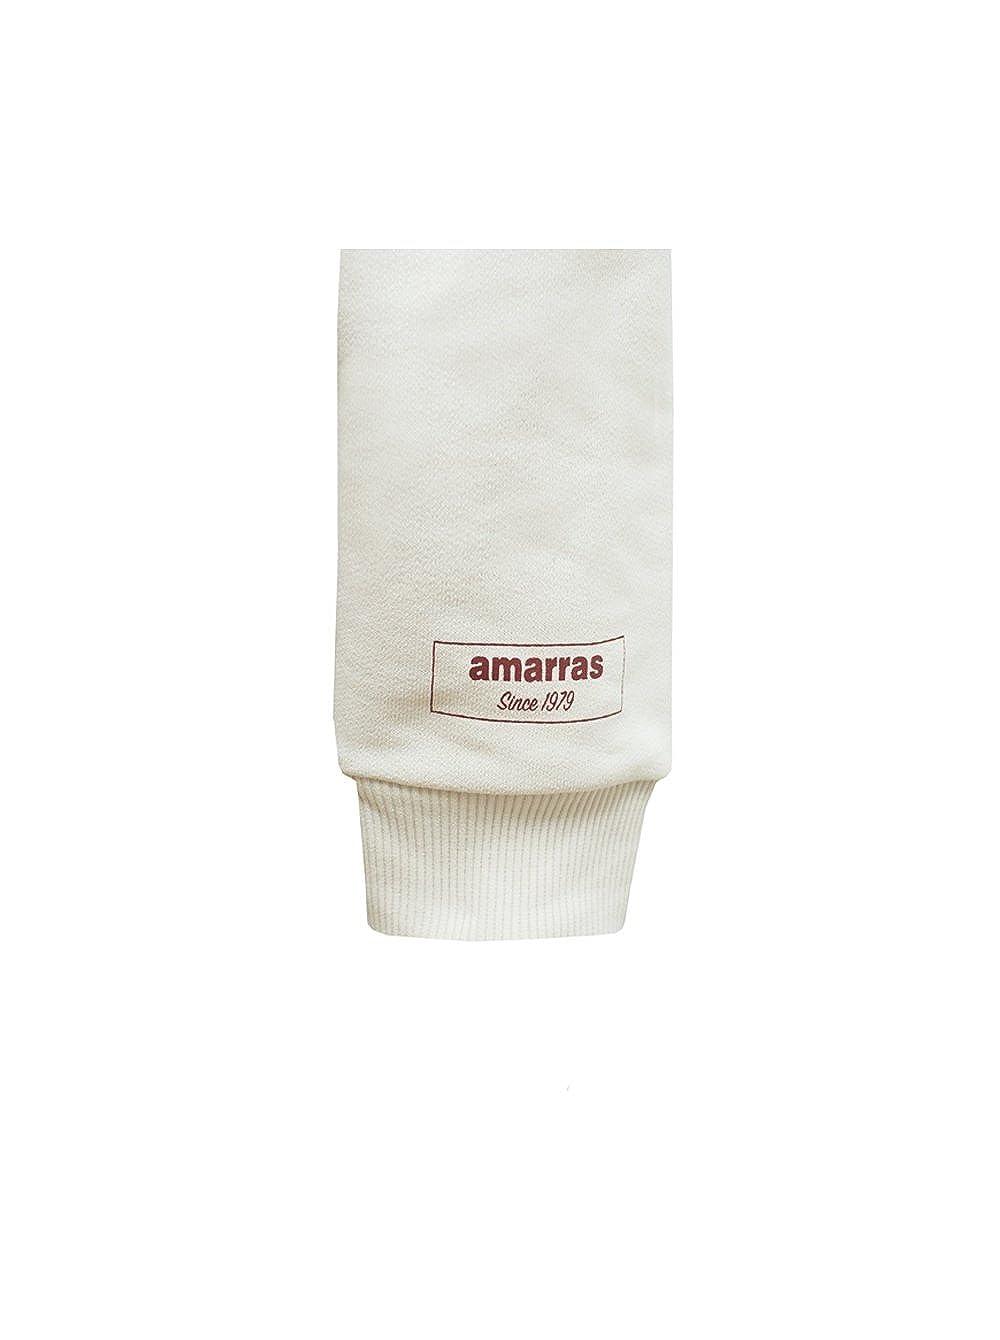 AMARRAS - Sudadera, Color: Nude/Burdeos (L, Beige): Amazon.es: Ropa y accesorios